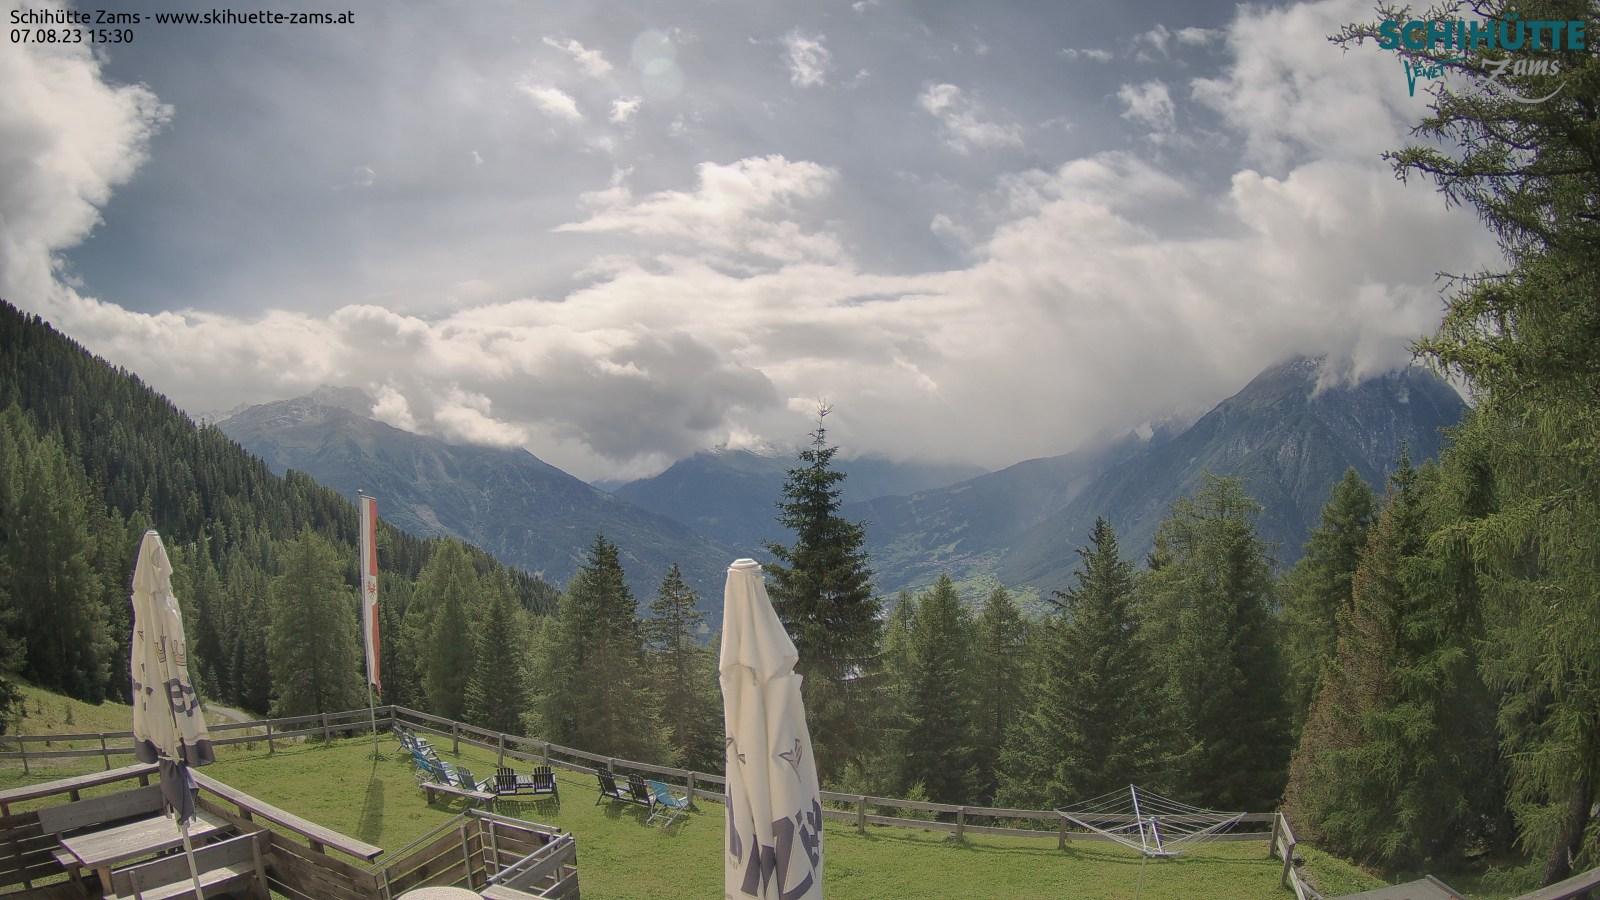 Webcam Landeck - Skihütte Zams